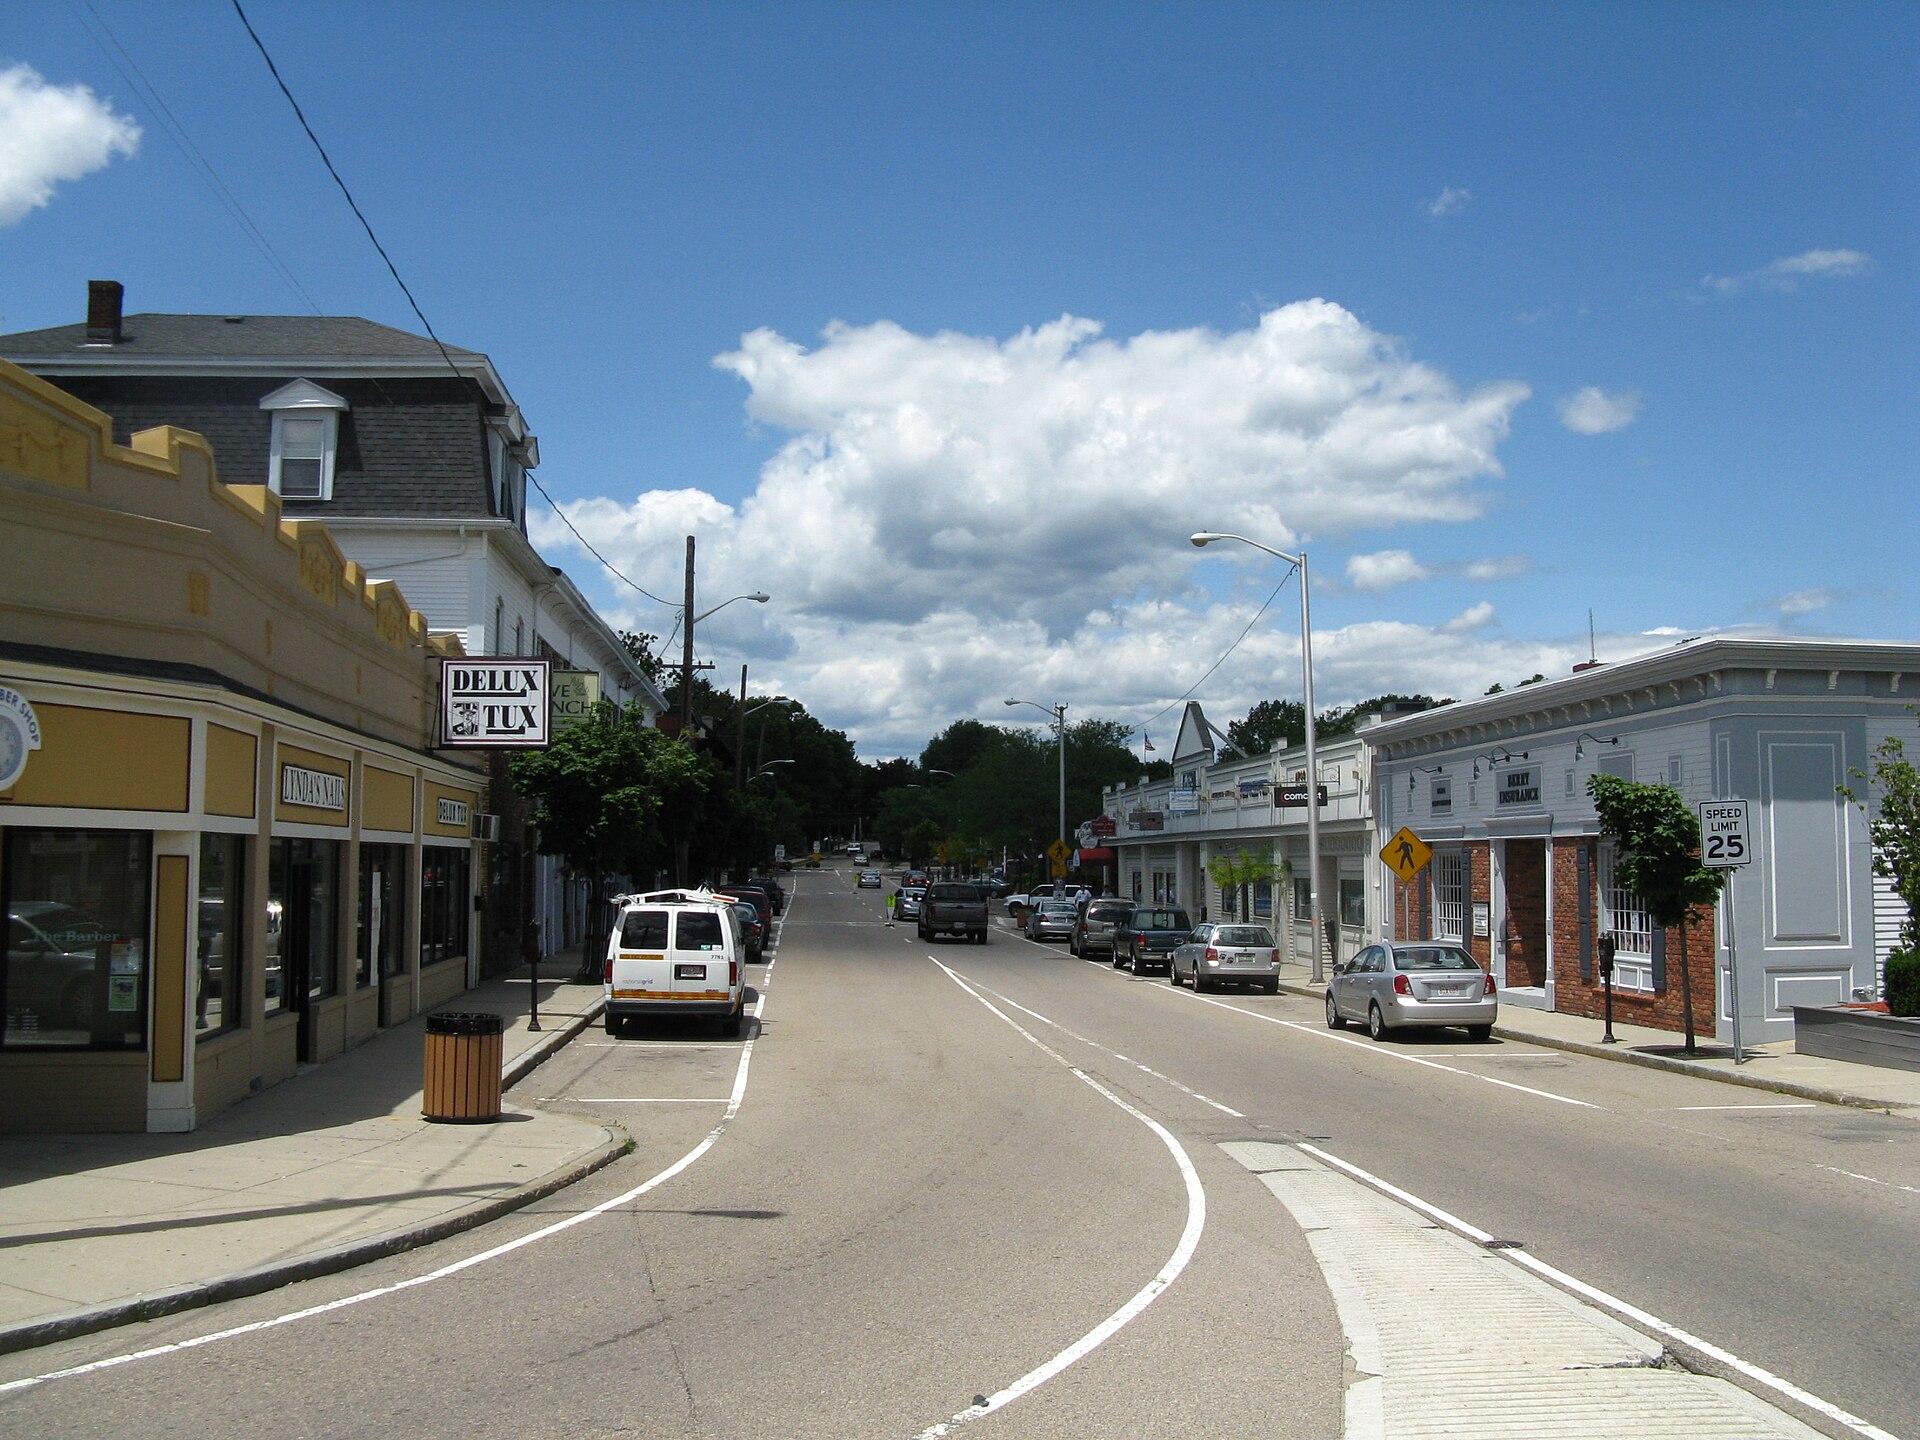 Franklin, Massachusetts